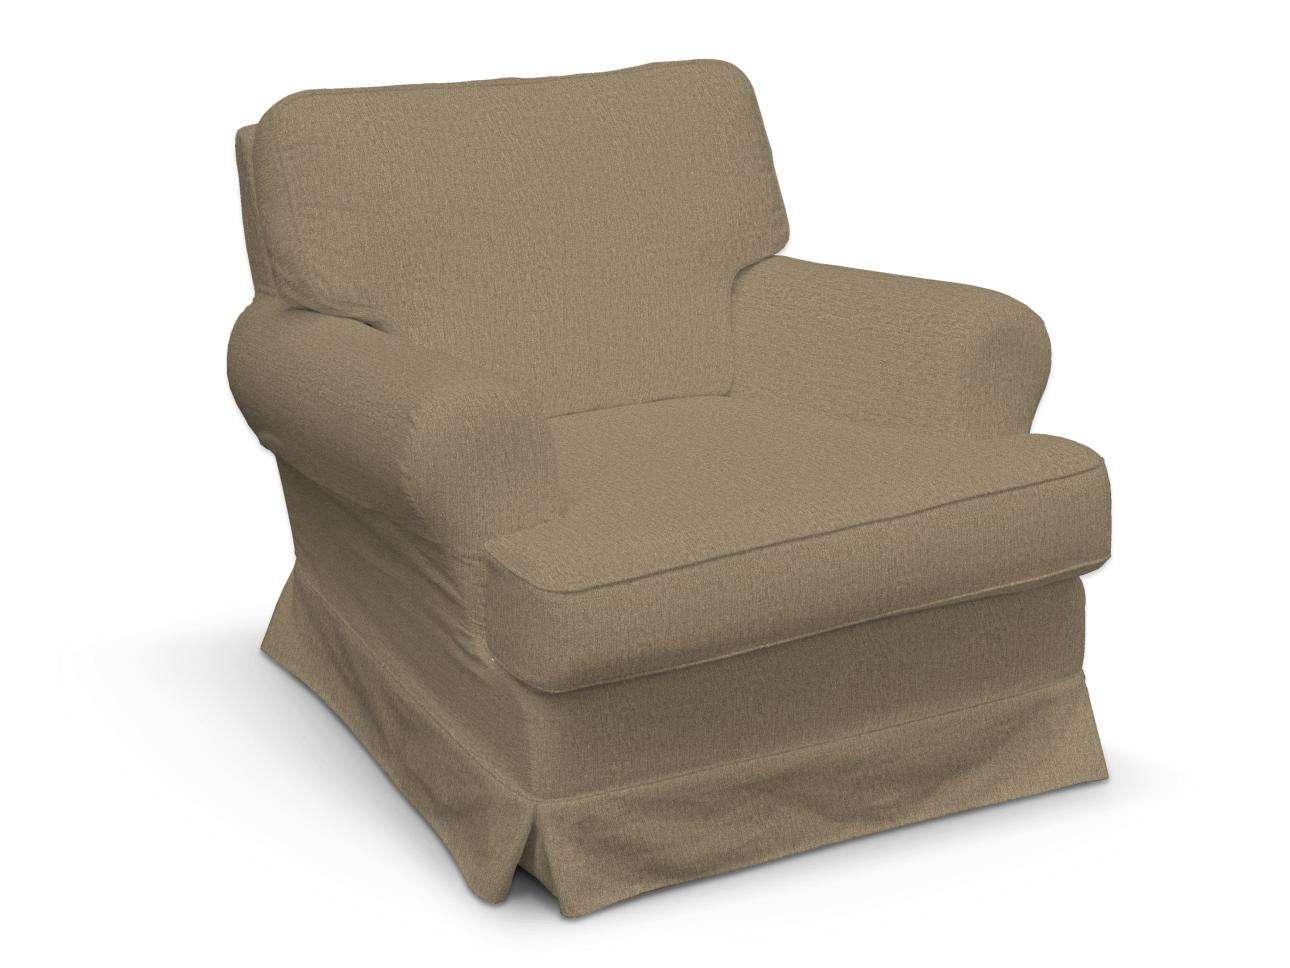 Barkaby fotelio užvalkalas Barkaby fotelio užvalkalas kolekcijoje Chenille, audinys: 702-21